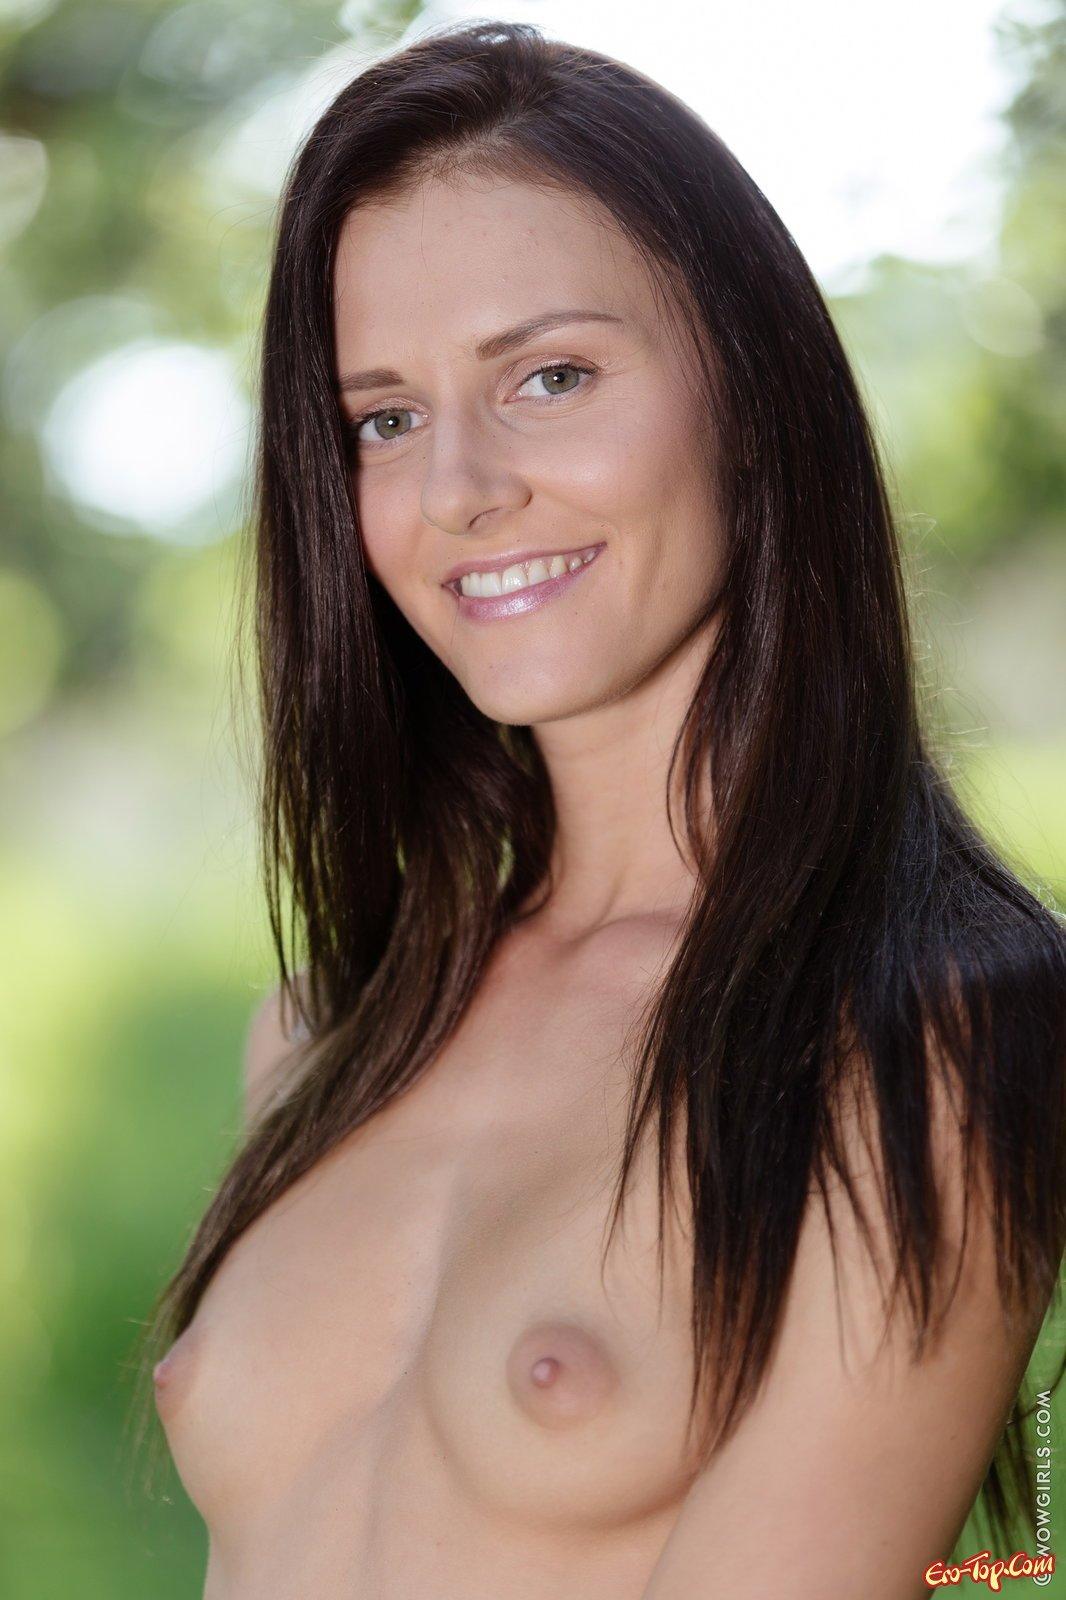 С голенькой попкой в саду секс фото